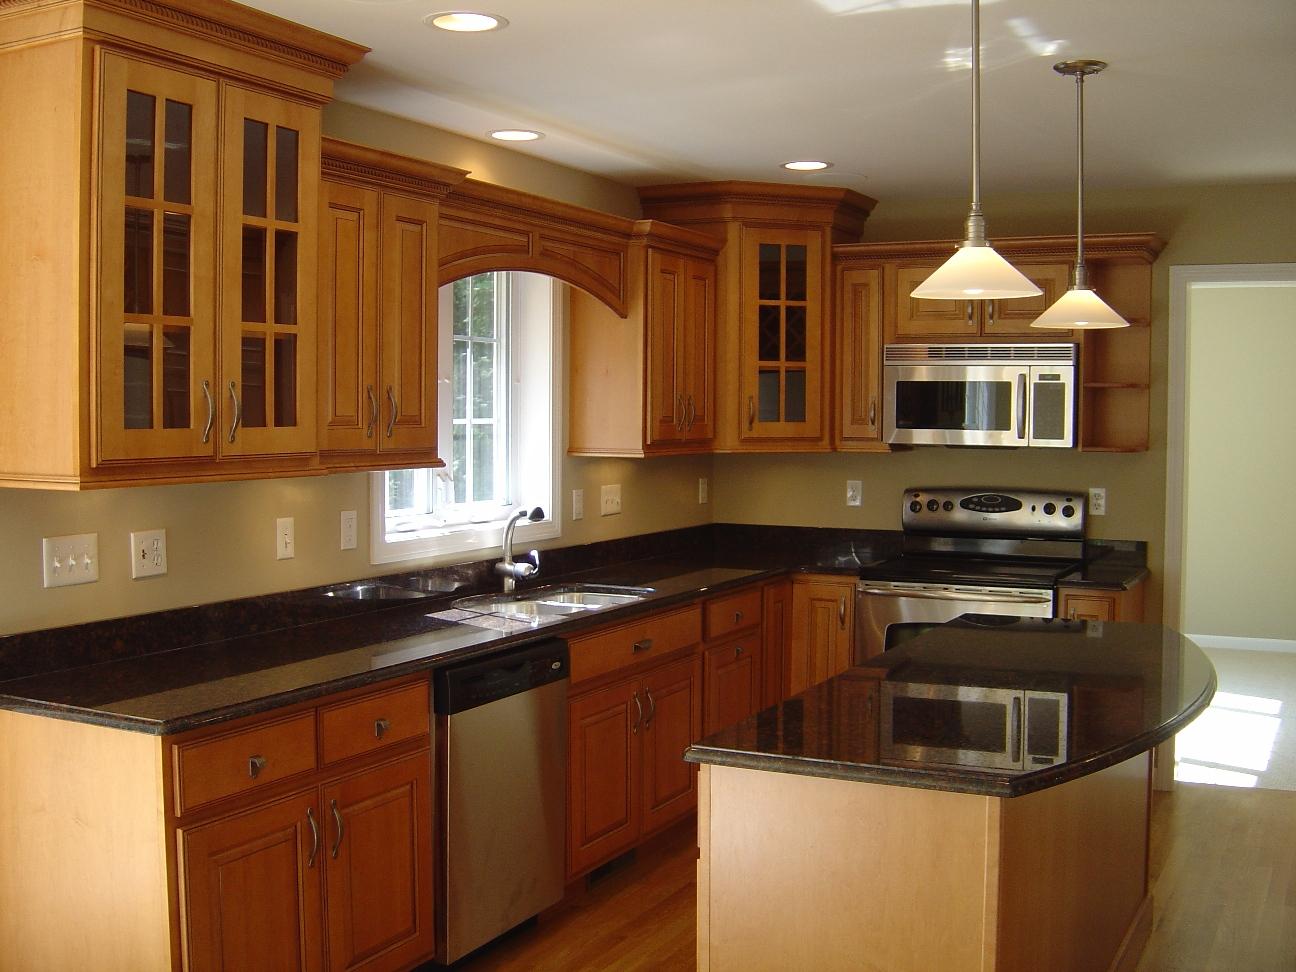 Kitchen Project Management